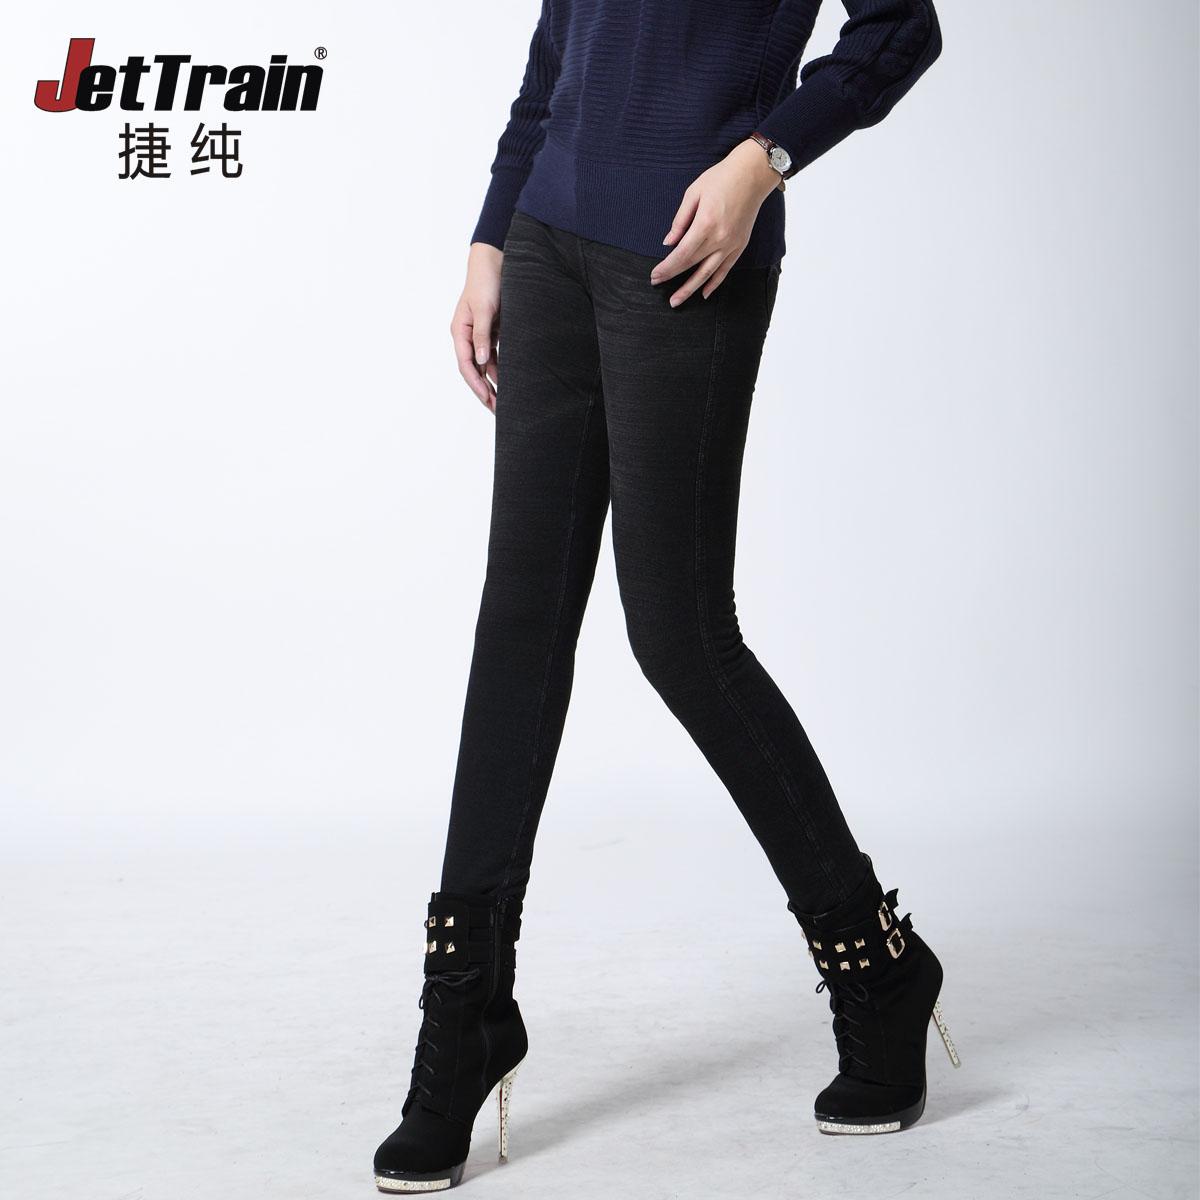 Джинсы женские Jettrain cqk0832fbl Jettrain / Jie pure